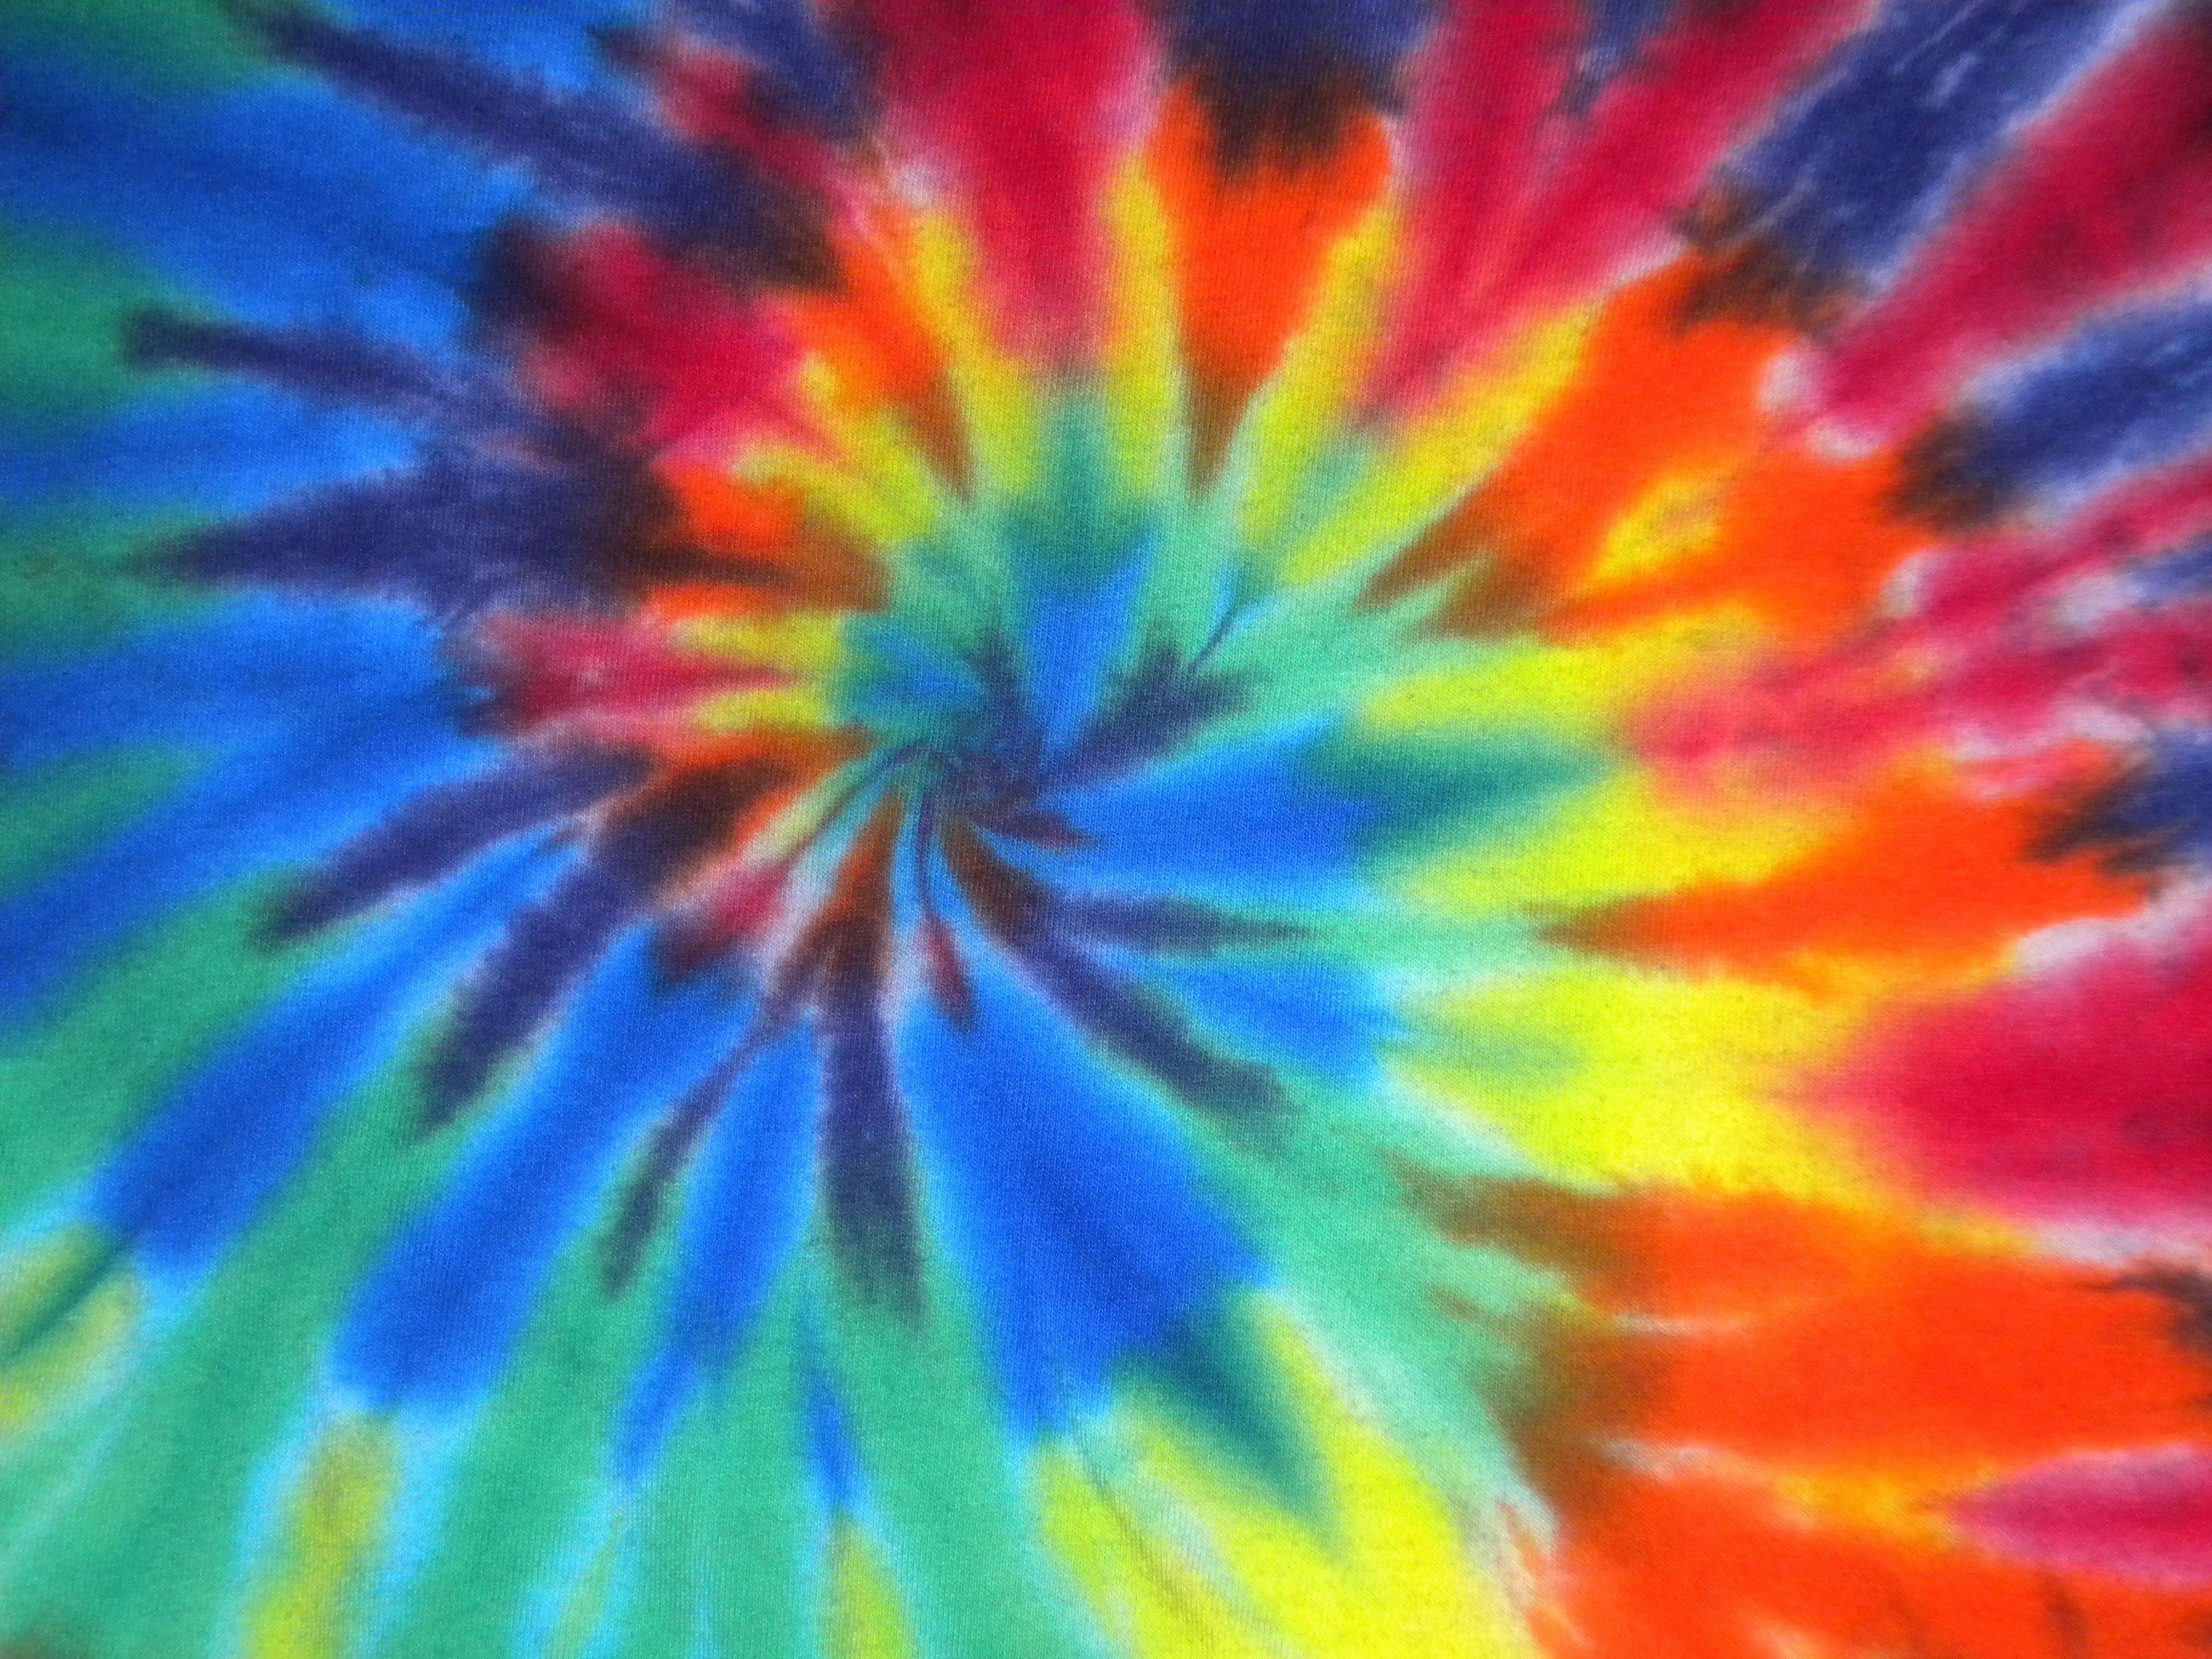 Tie Dye Wallpapers   Top Tie Dye Backgrounds   WallpaperAccess 3648x2736